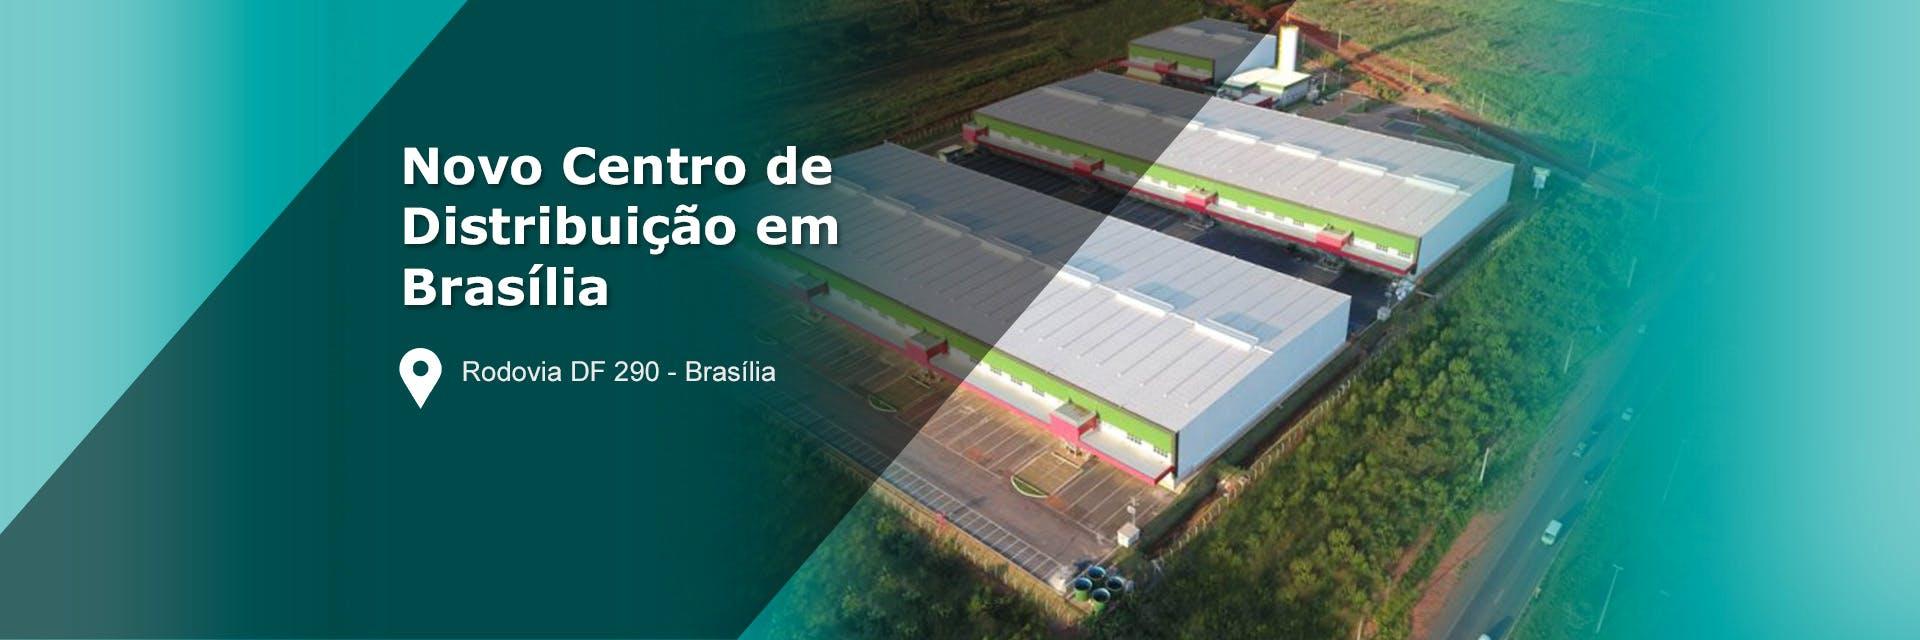 Novo CD Brasilia